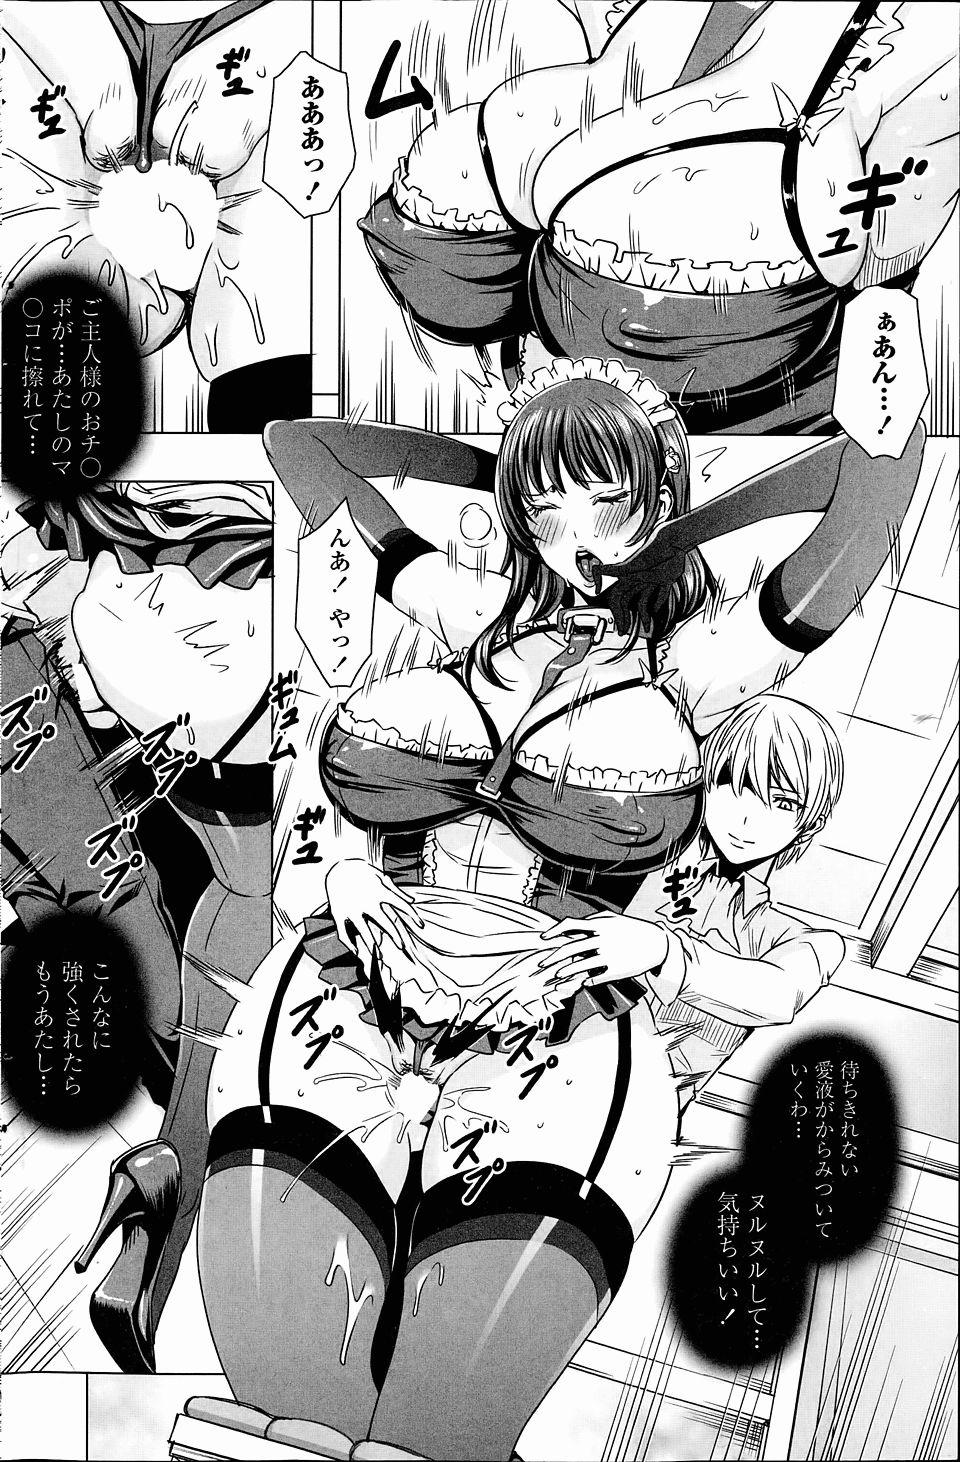 【エロ漫画・エロ同人誌】巨乳メイドがエッチな恰好してご主人様に中出しされまくってるwセックス三昧でイカされまくりwww (6)